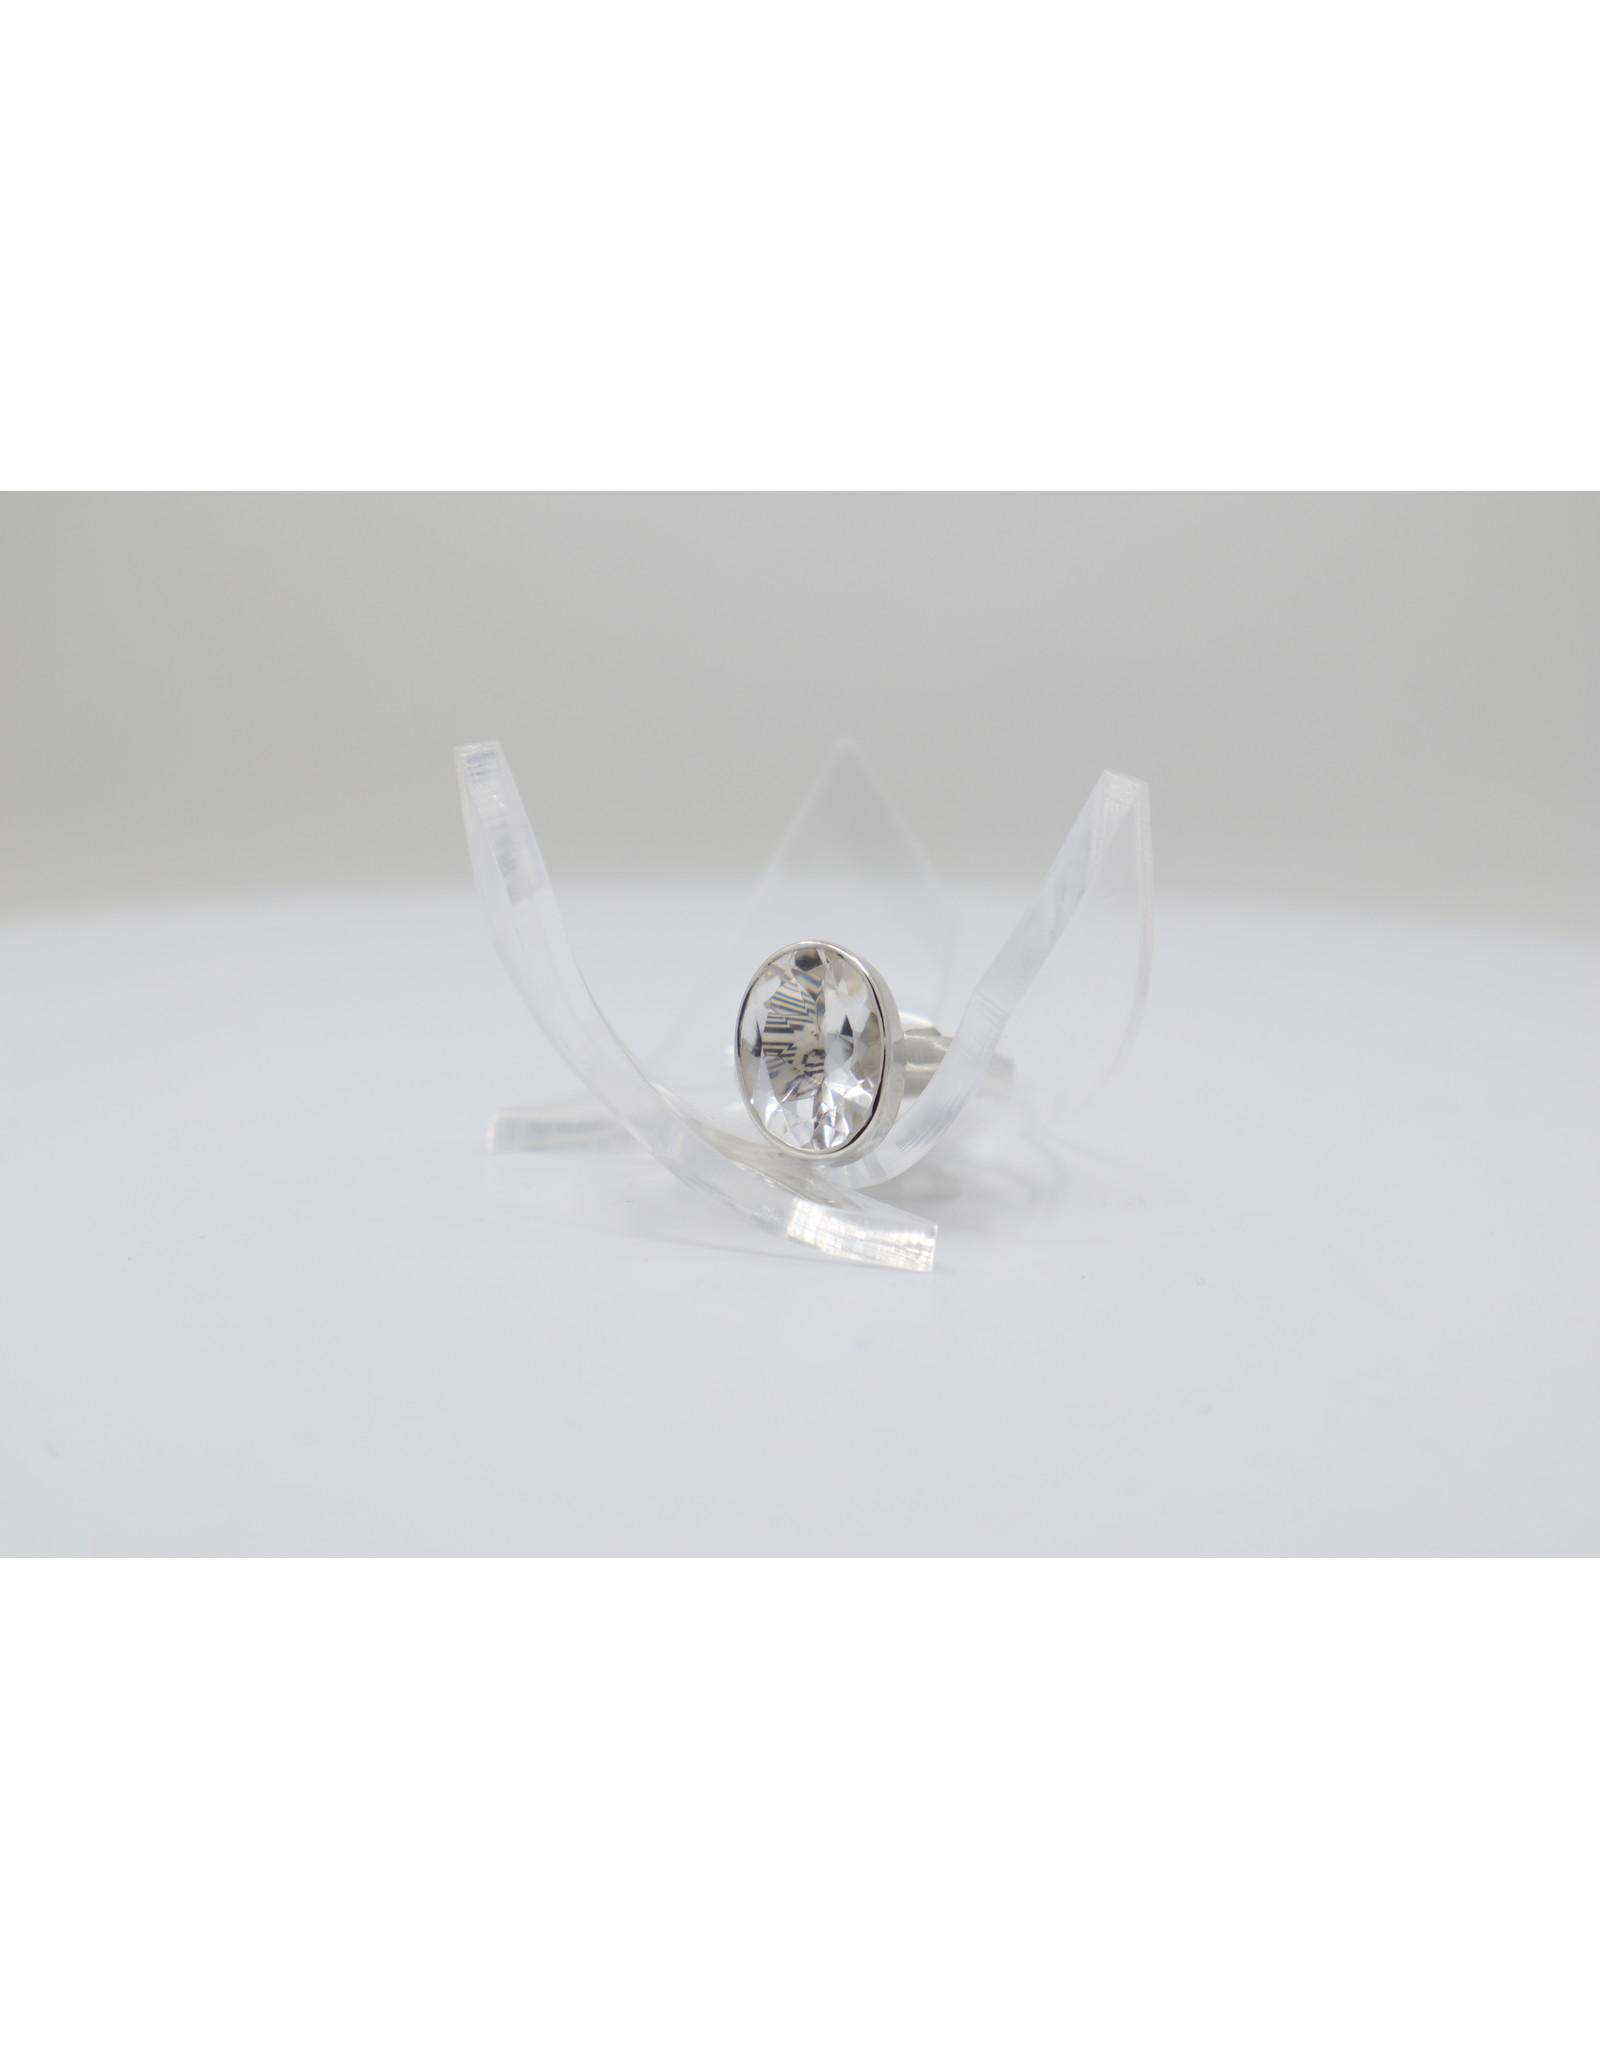 Faceted Quartz Ring - Size 5.5